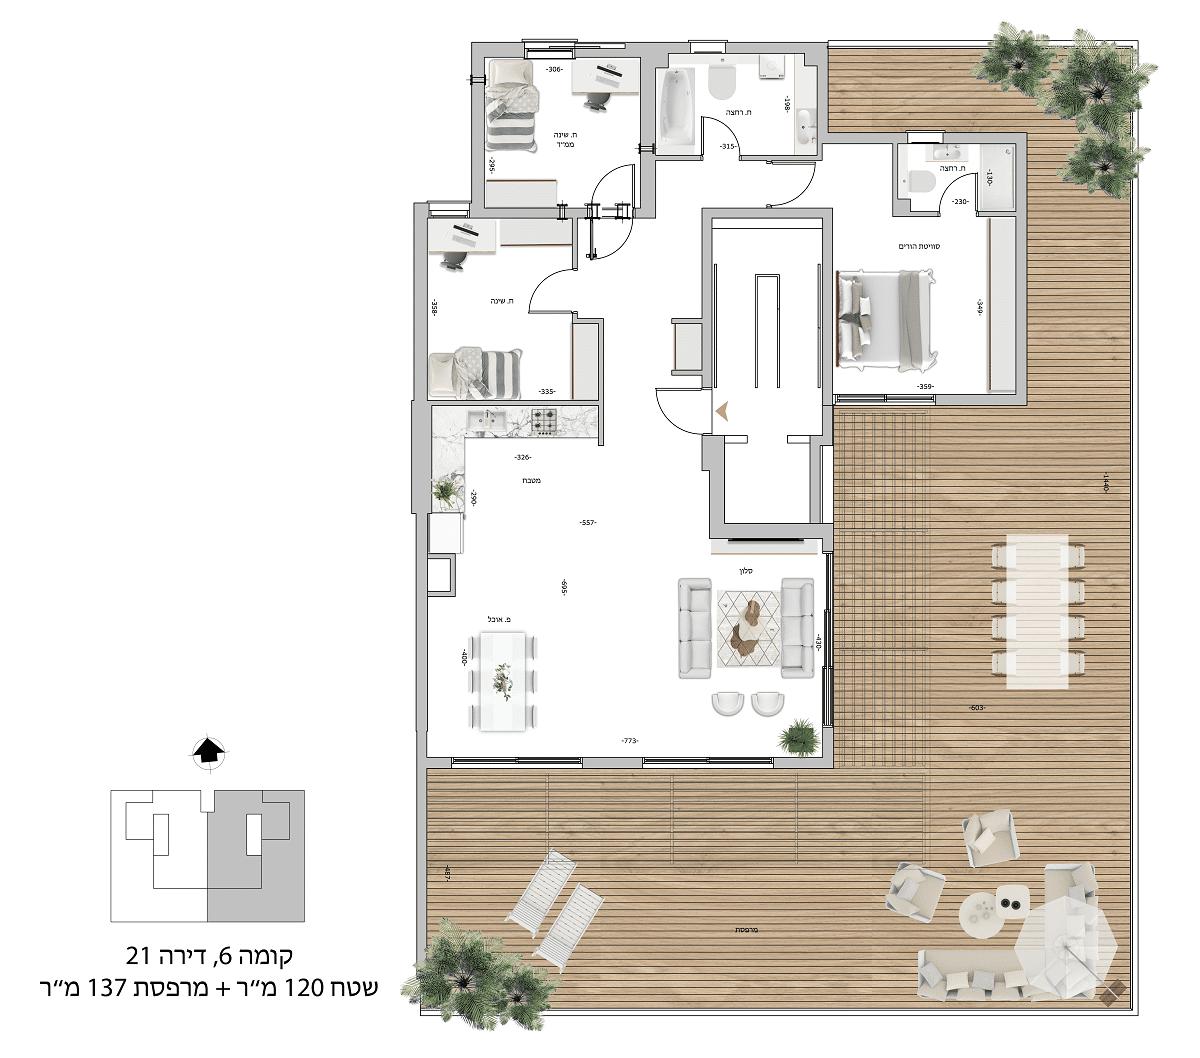 קומה 6 דירה 21